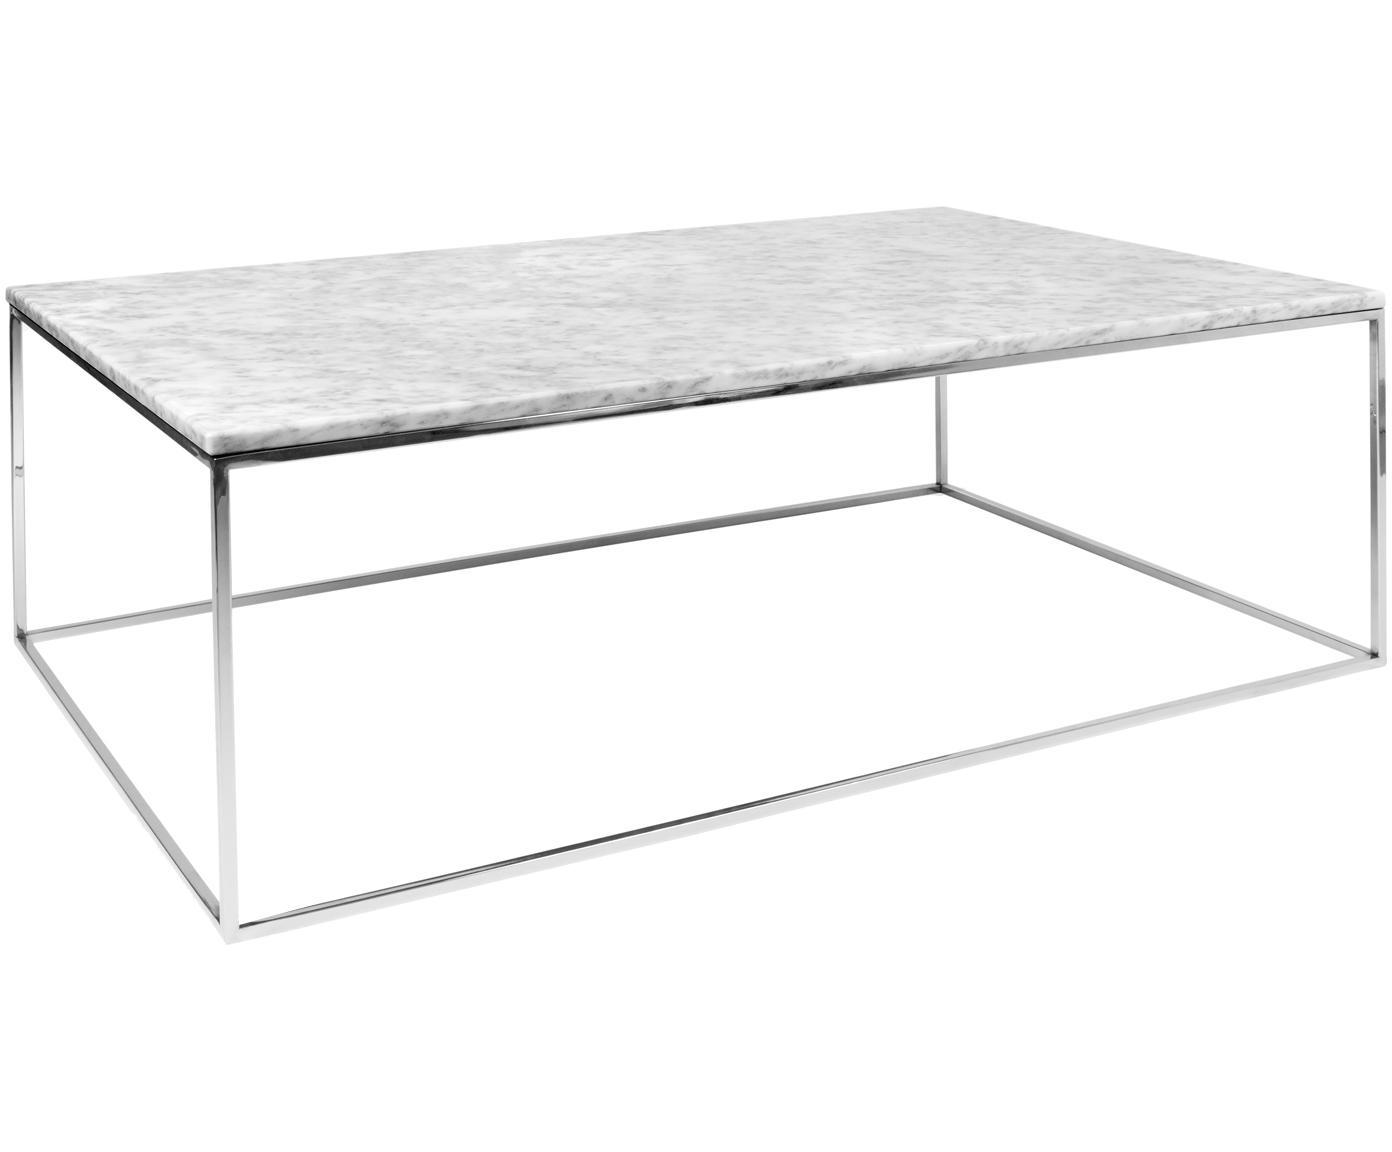 Marmor-Couchtisch Gleam, Tischplatte: Marmor, Gestell: Stahl, verchromt, Tischplatte: Weiß, marmoriert<br>Gestell: Chrom, 120 x 40 cm